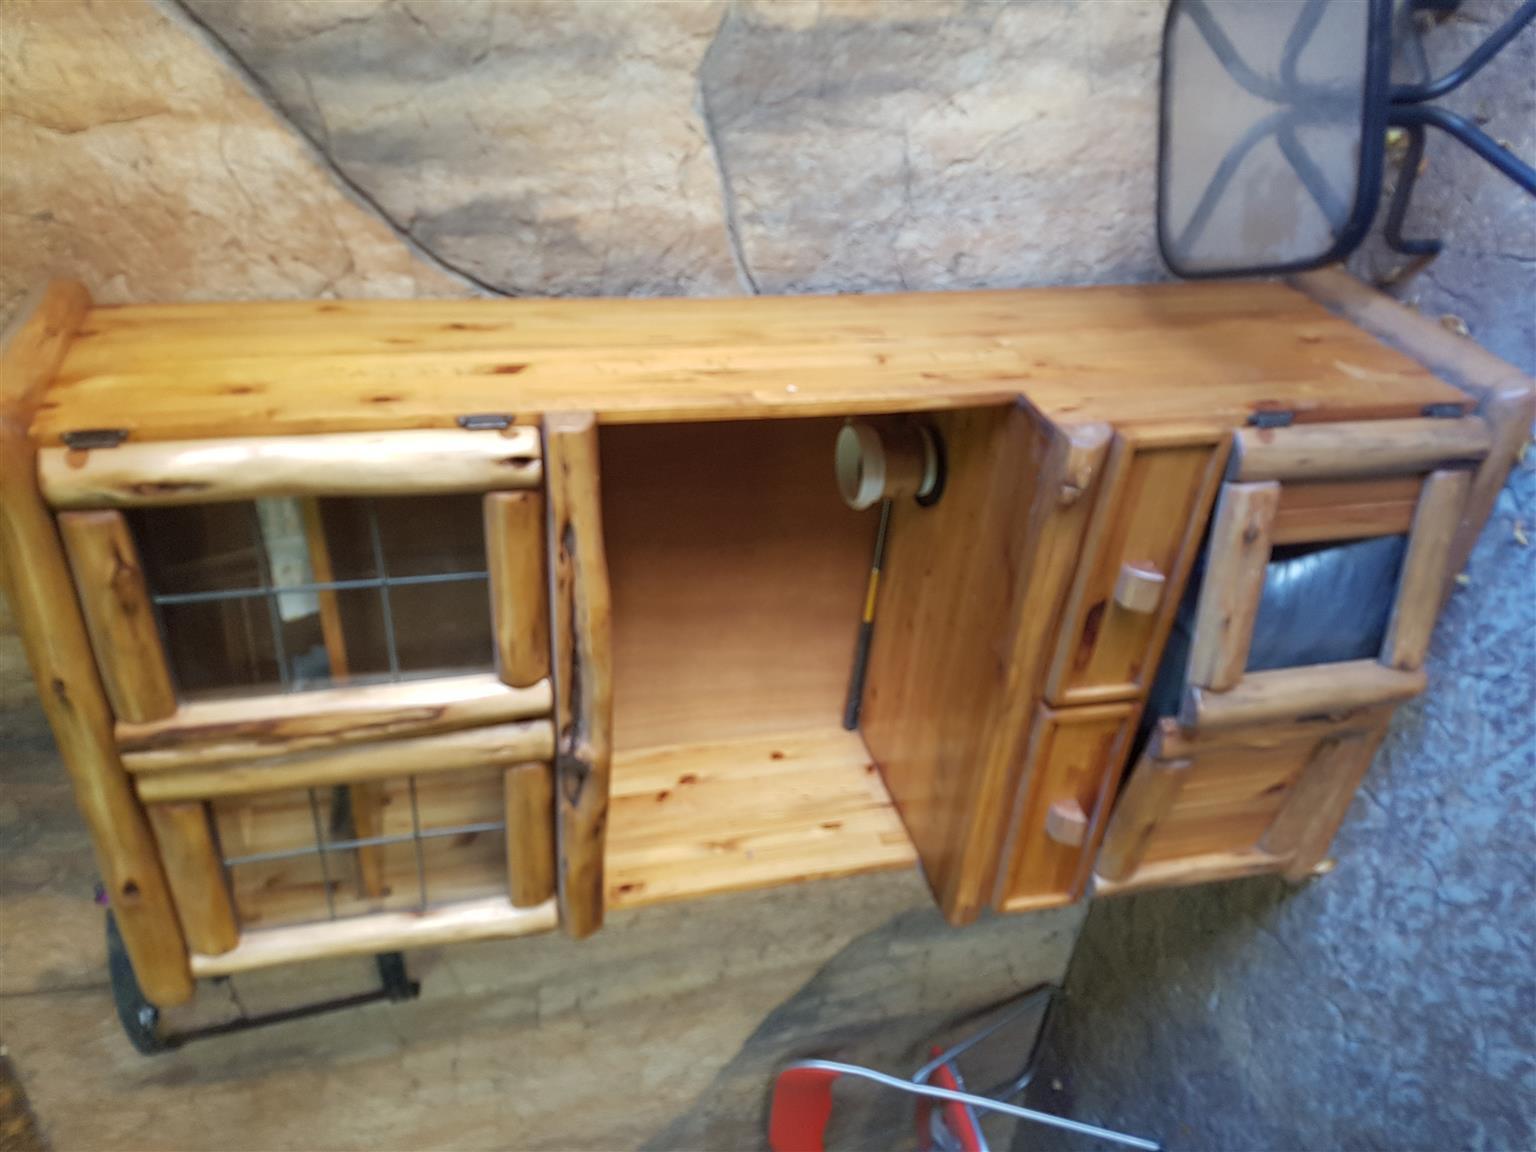 Upright Cupboard